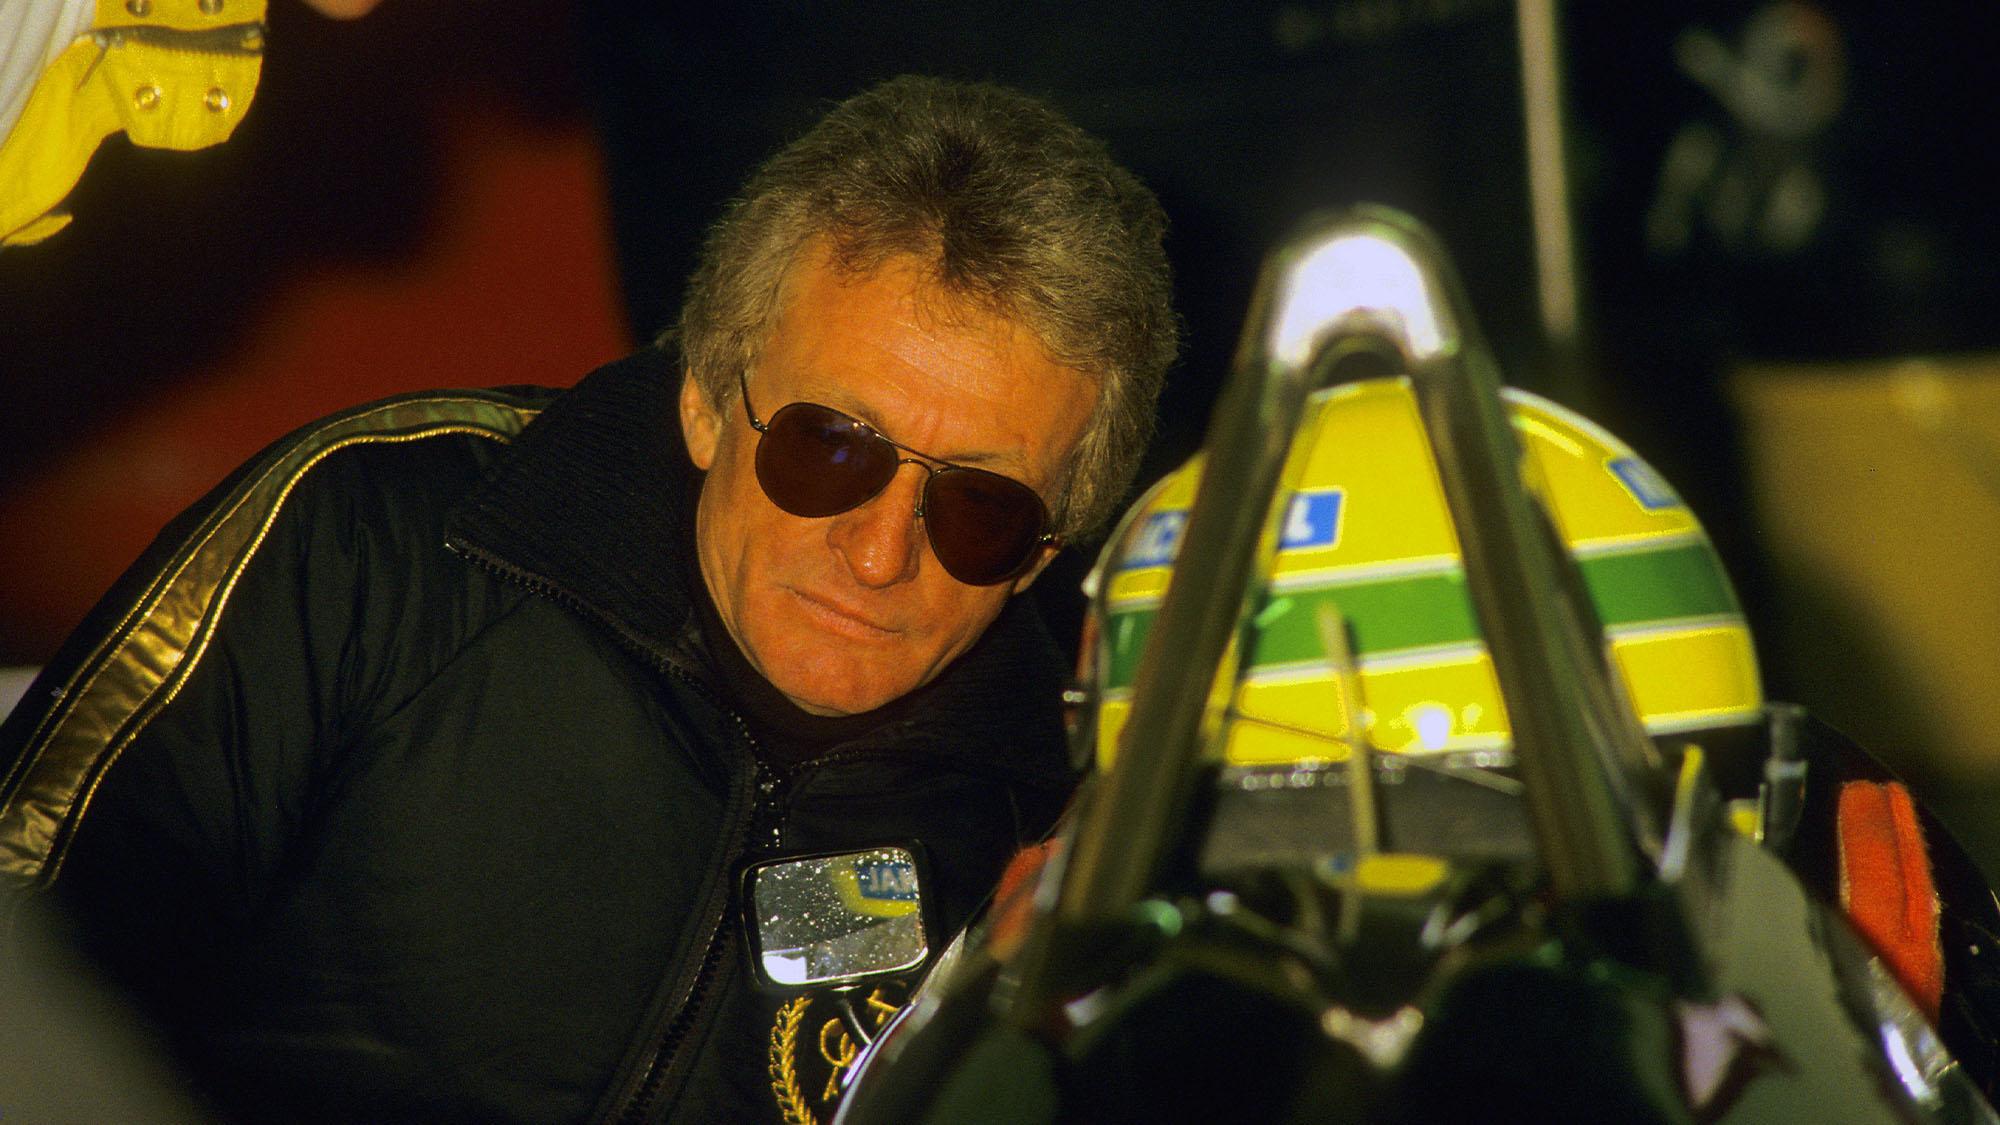 Senna Ducarouge